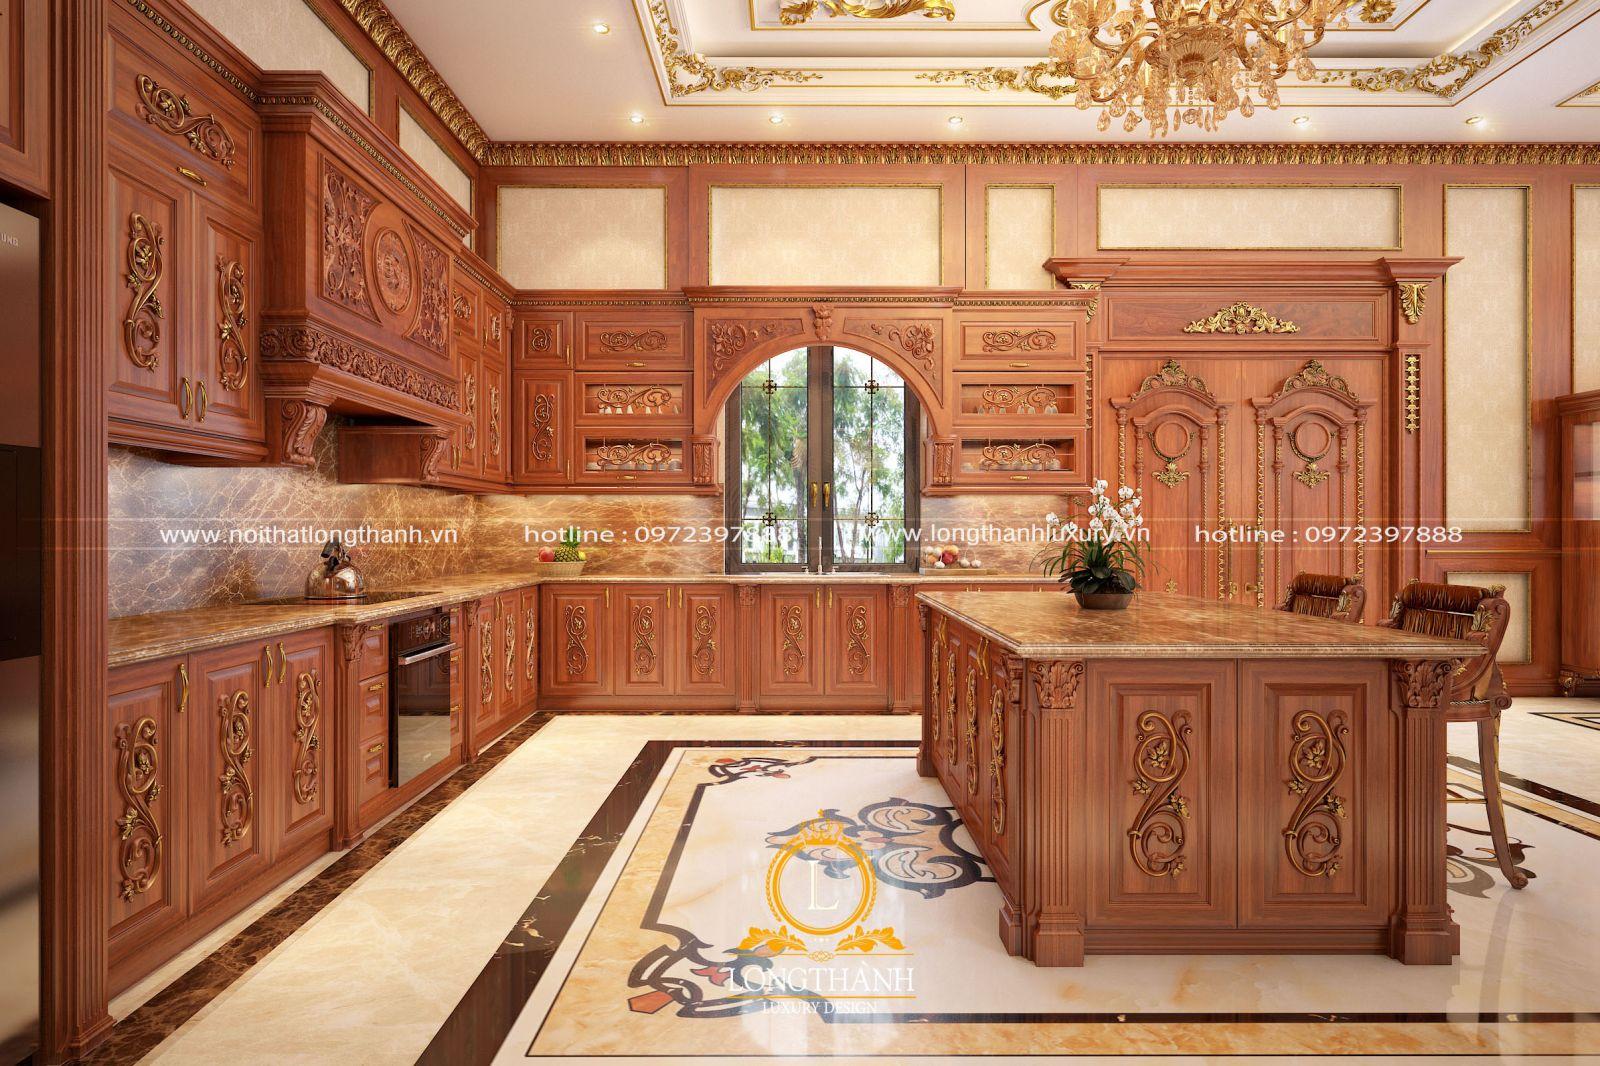 Tủ bếp tân cổ điển cho không gian tiện nghi